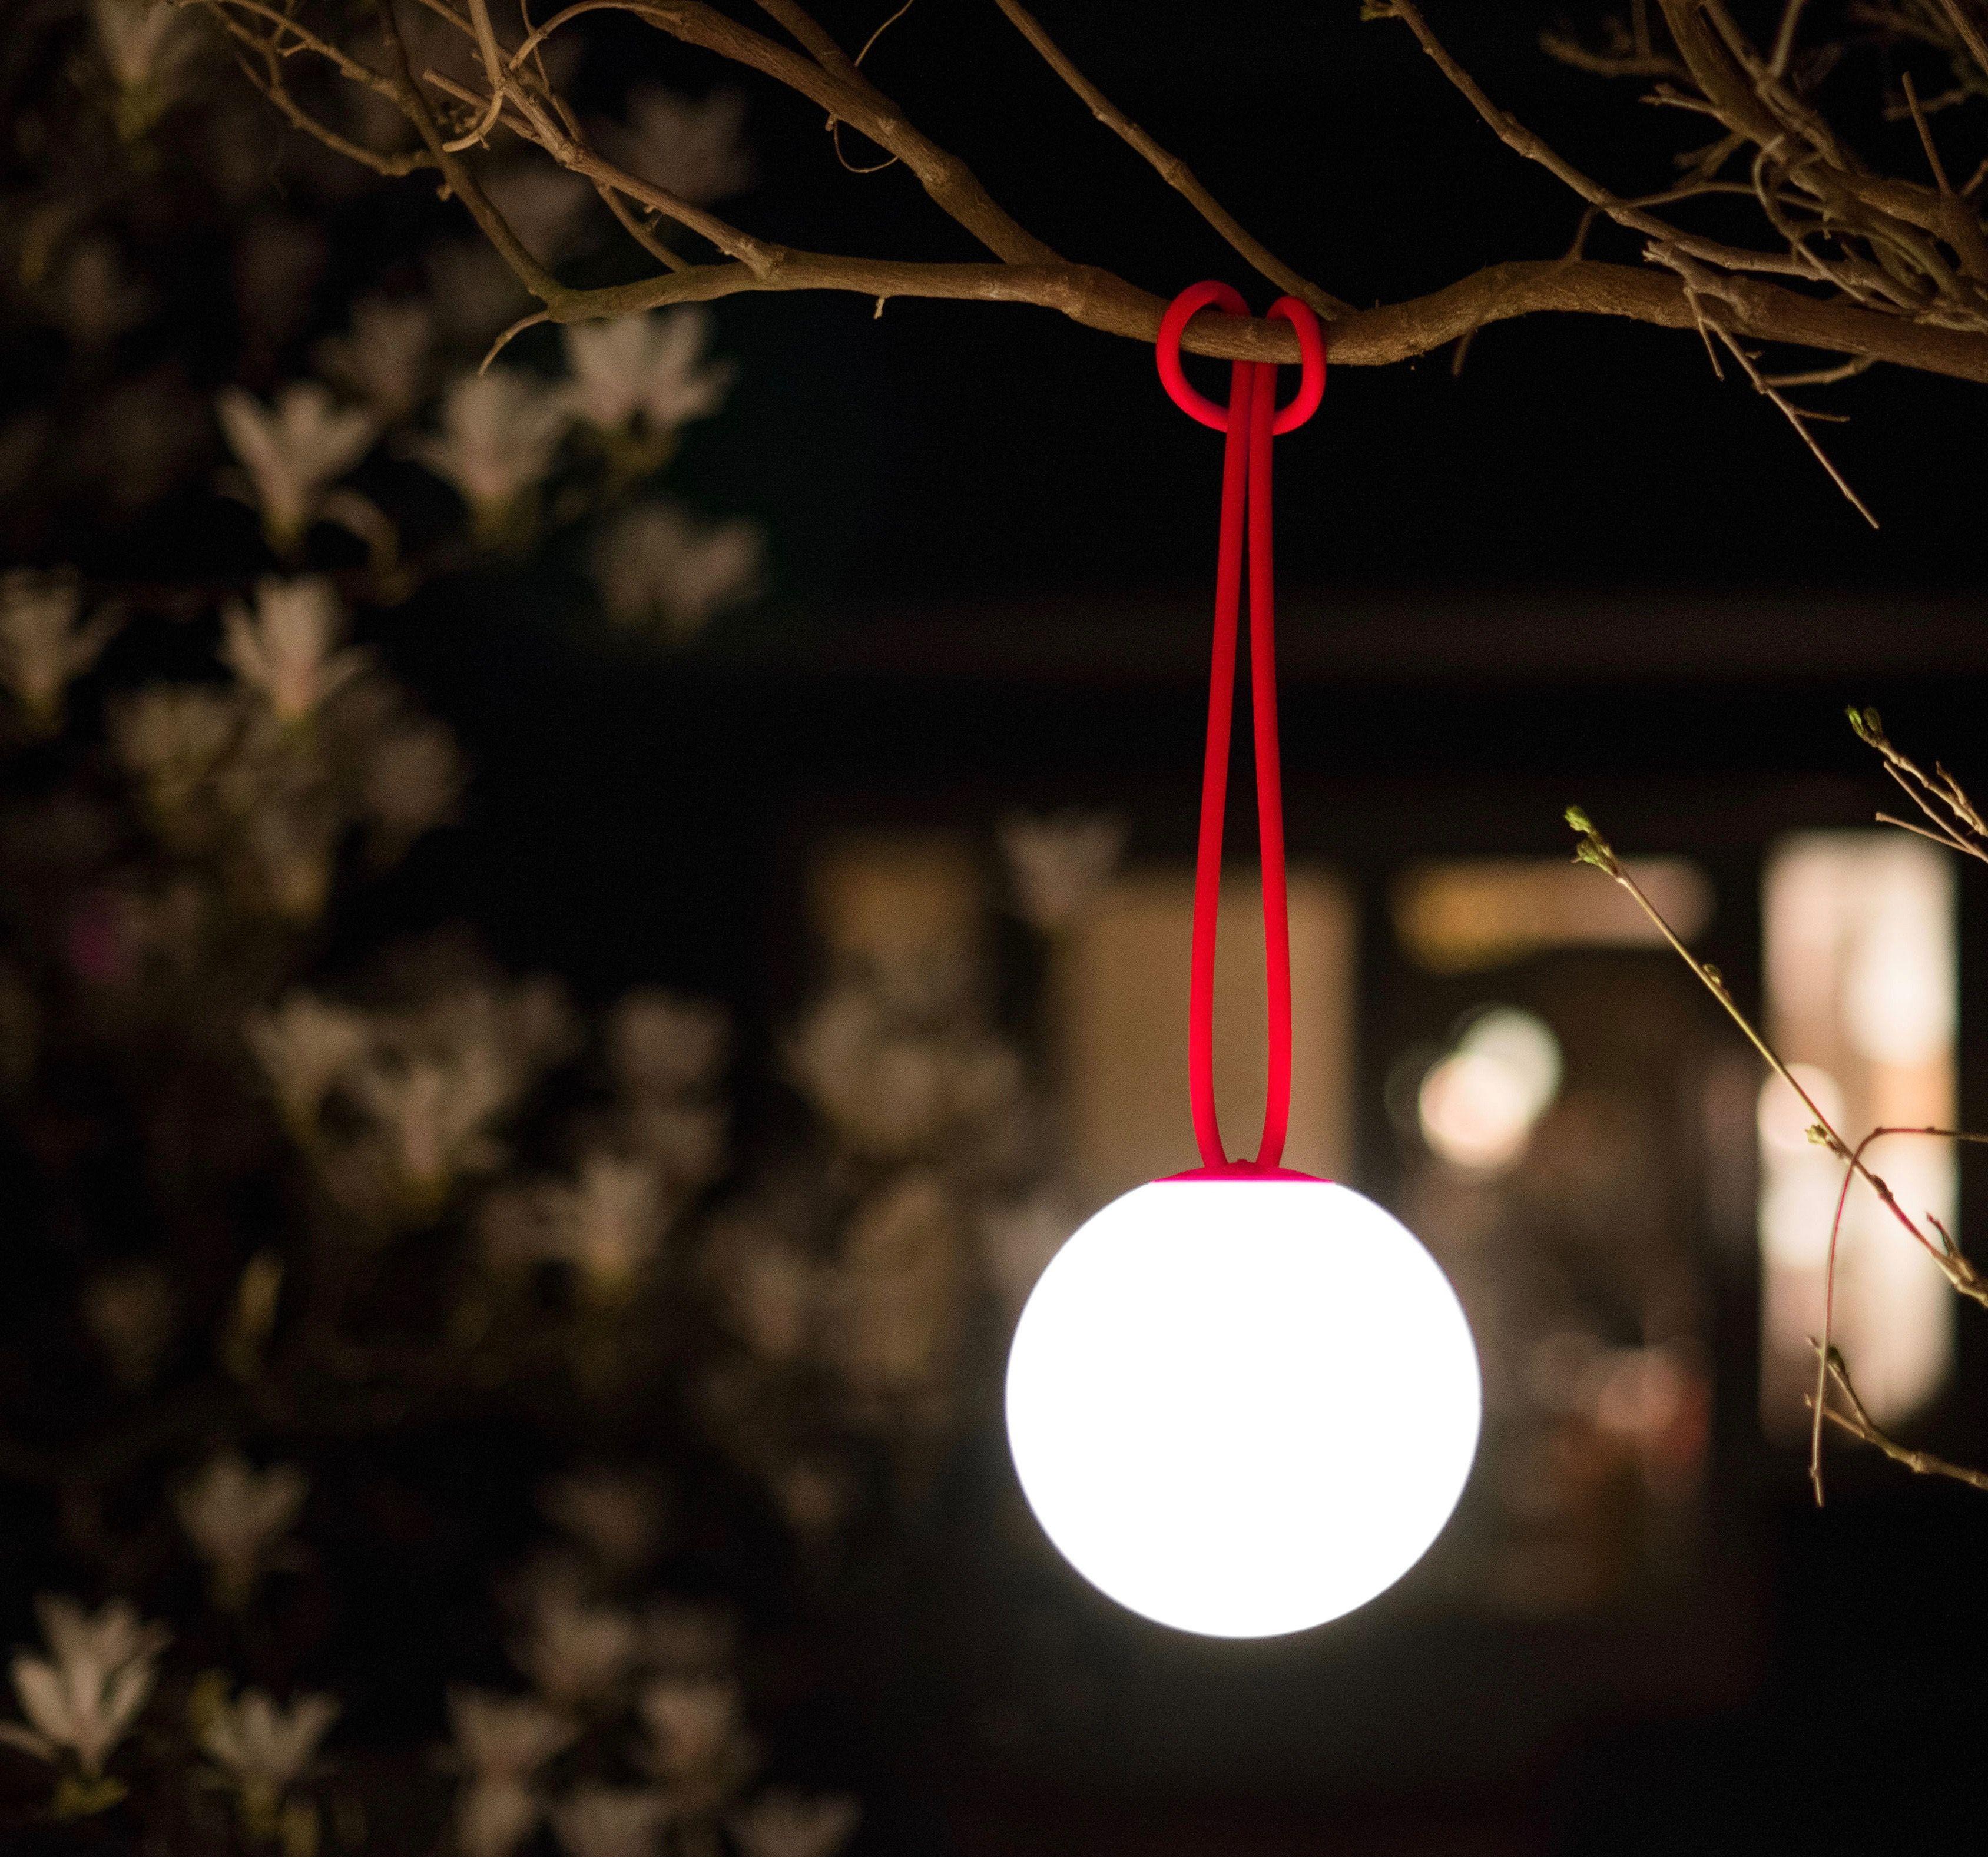 Profitez De Son Jardin Meme Le Soir Et En Hiver En L Eclairant Grace A La Lampe Bolleke De Fatboy Suspension Led Lamp Suspension Exterieure Luminaire